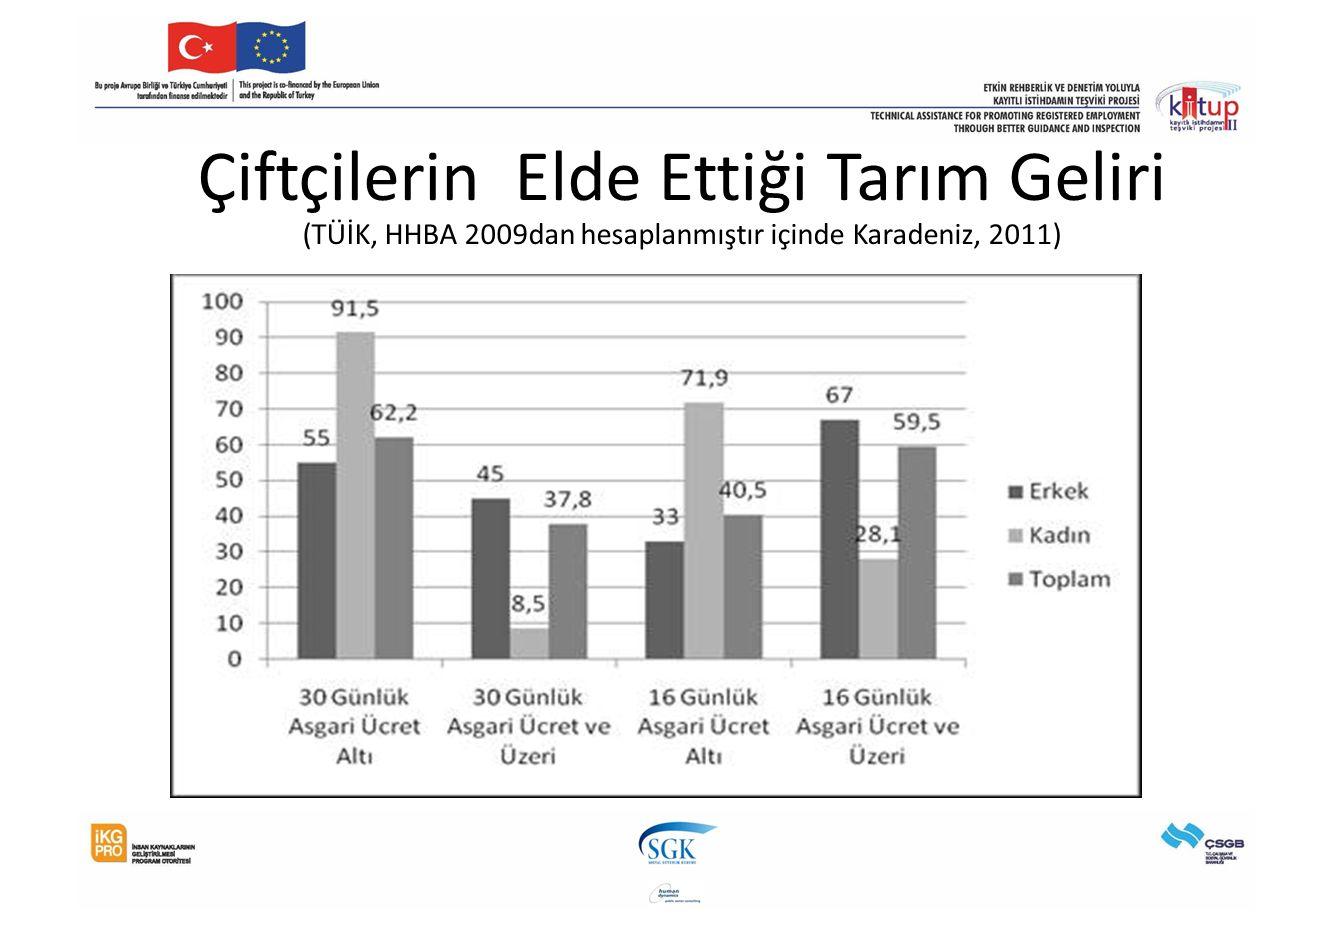 Çiftçilerin Elde Ettiği Tarım Geliri (TÜİK, HHBA 2009dan hesaplanmıştır içinde Karadeniz, 2011)